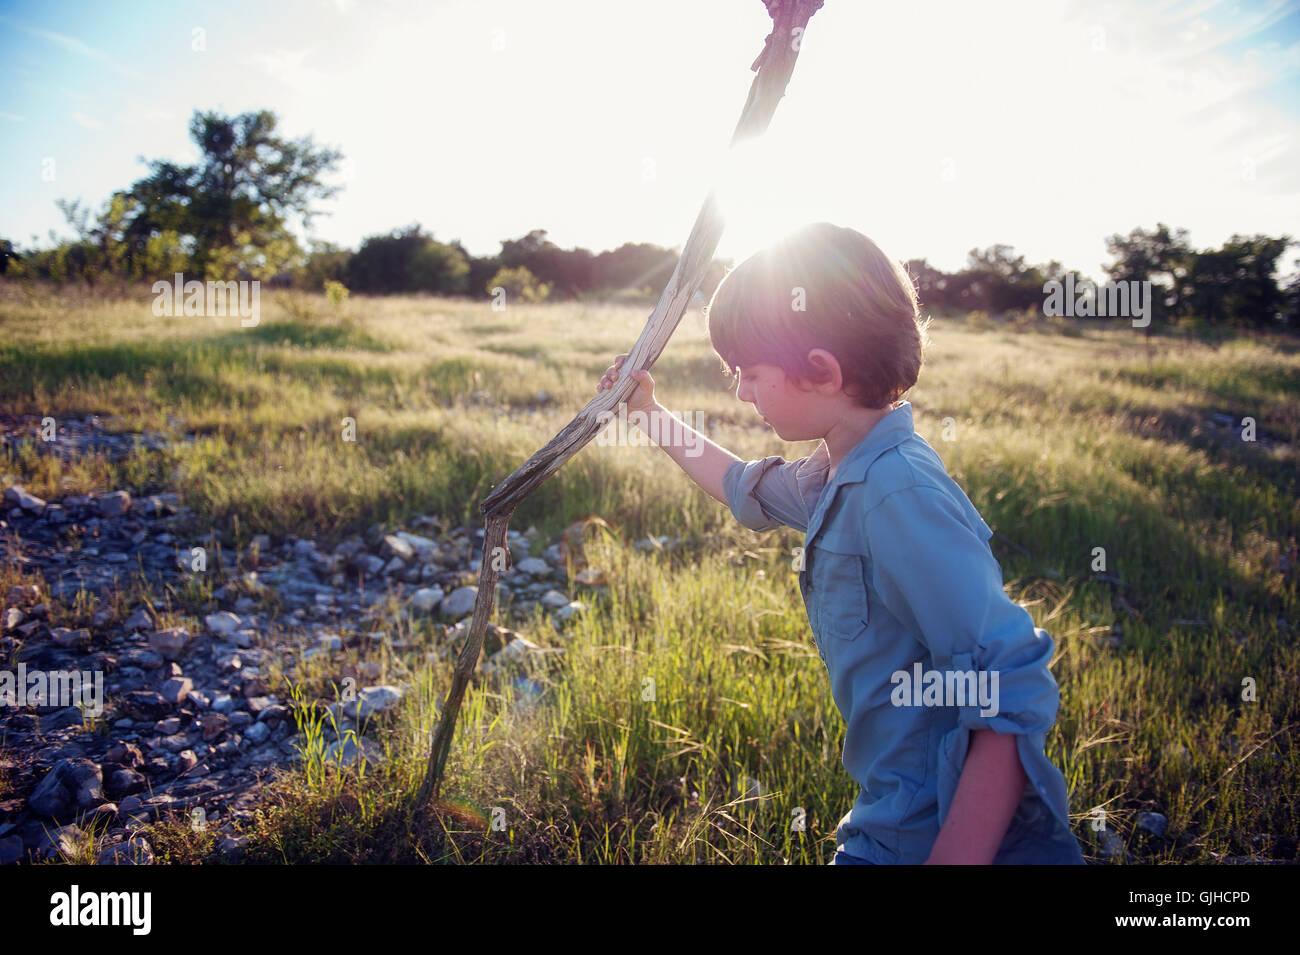 Niño sosteniendo un bastón de madera a pie Imagen De Stock